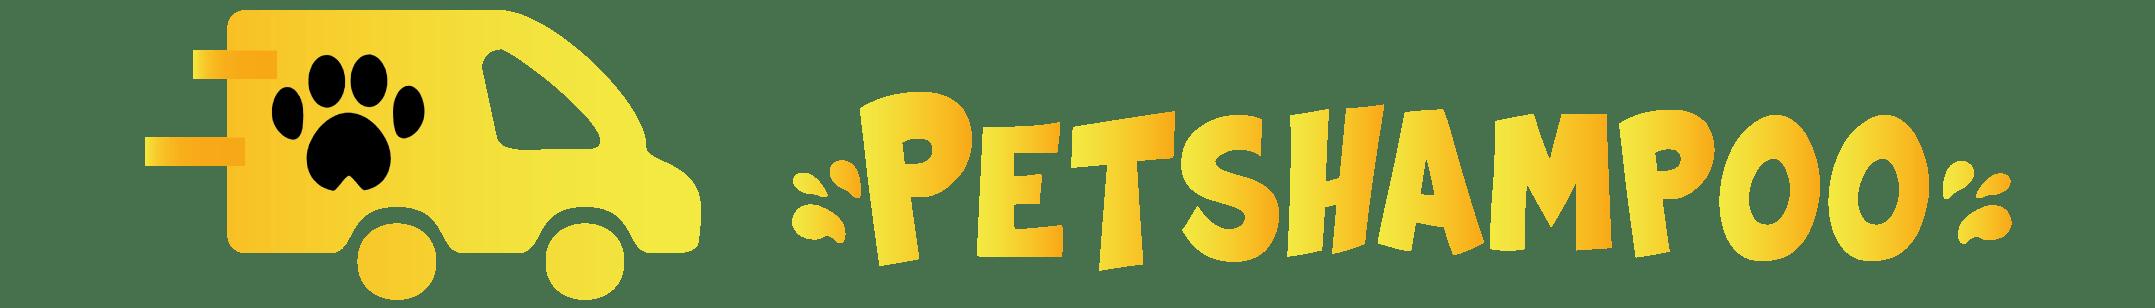 Petshampoo - Tu peluquería canina móvil en la provincia de Málaga